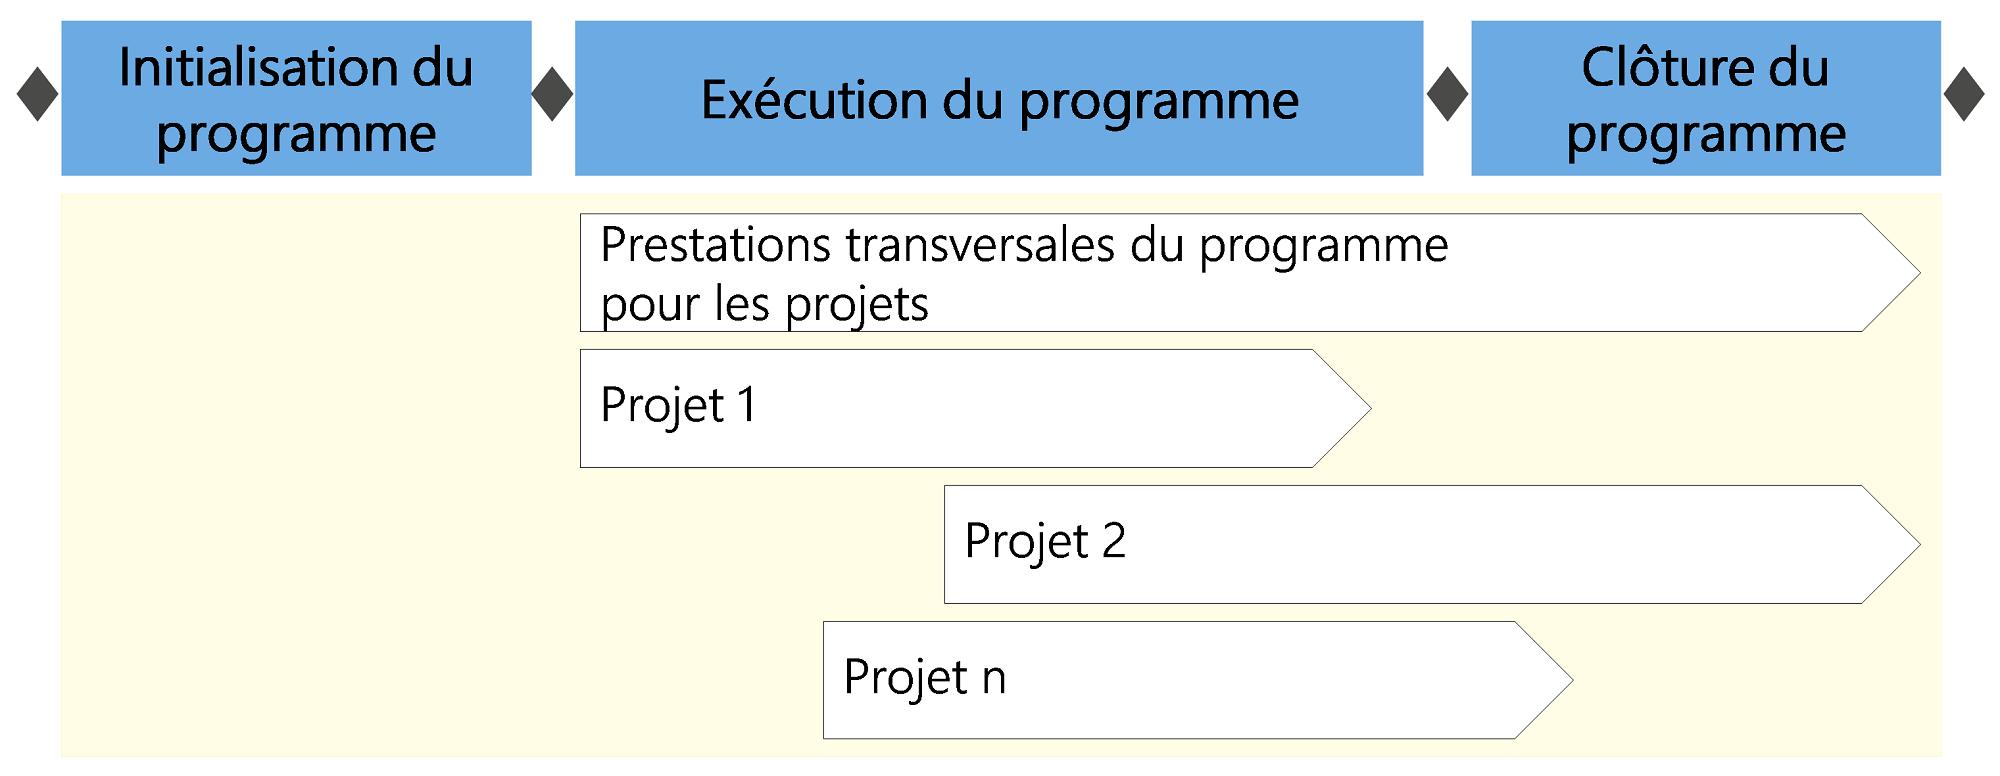 Figure2: Prestations transversales dans le cadre du programme